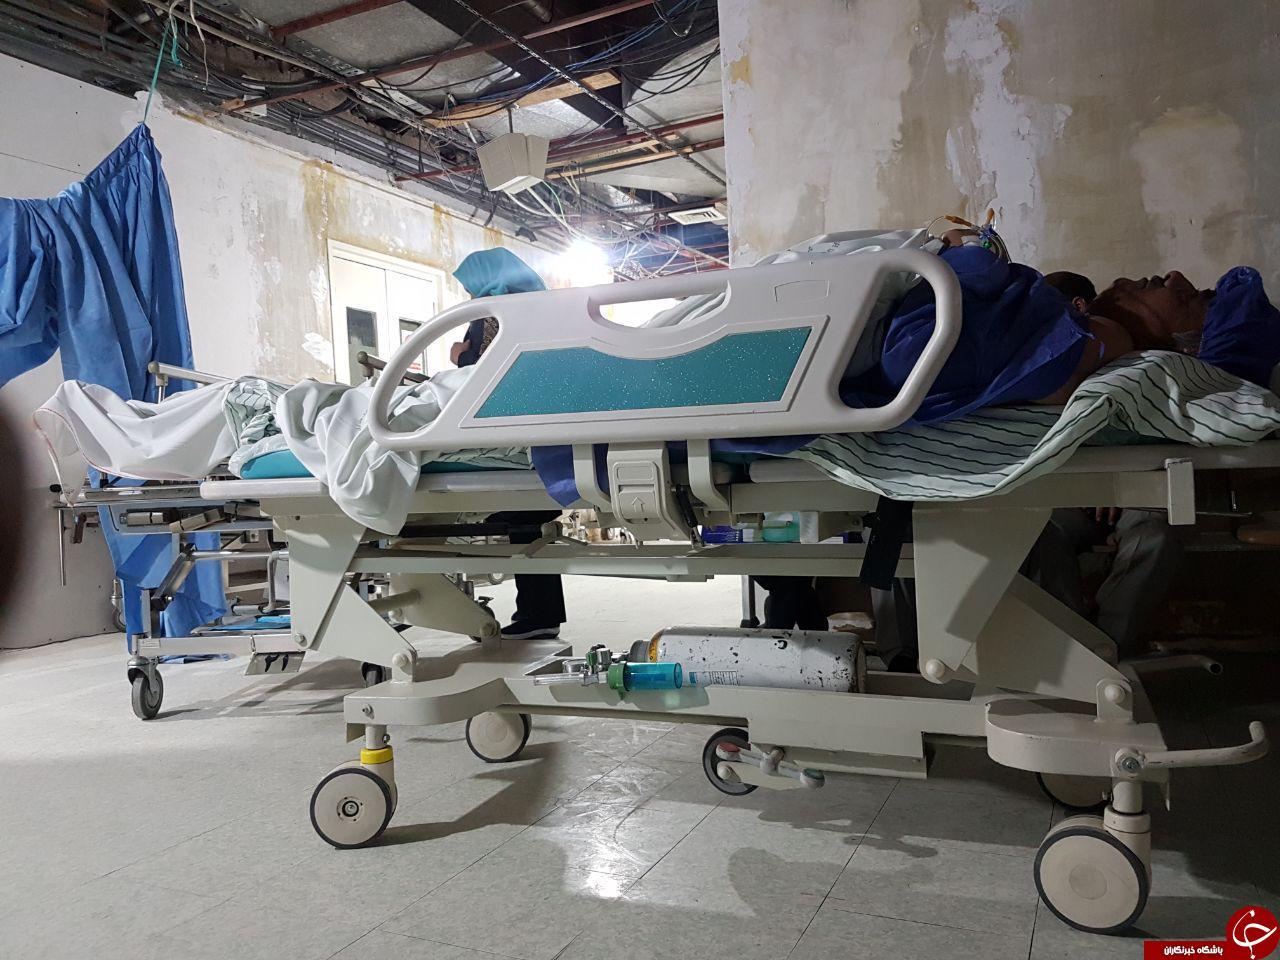 انجام عمل جراحی در حین تعمیرات در بیمارستان!! + تصاویر